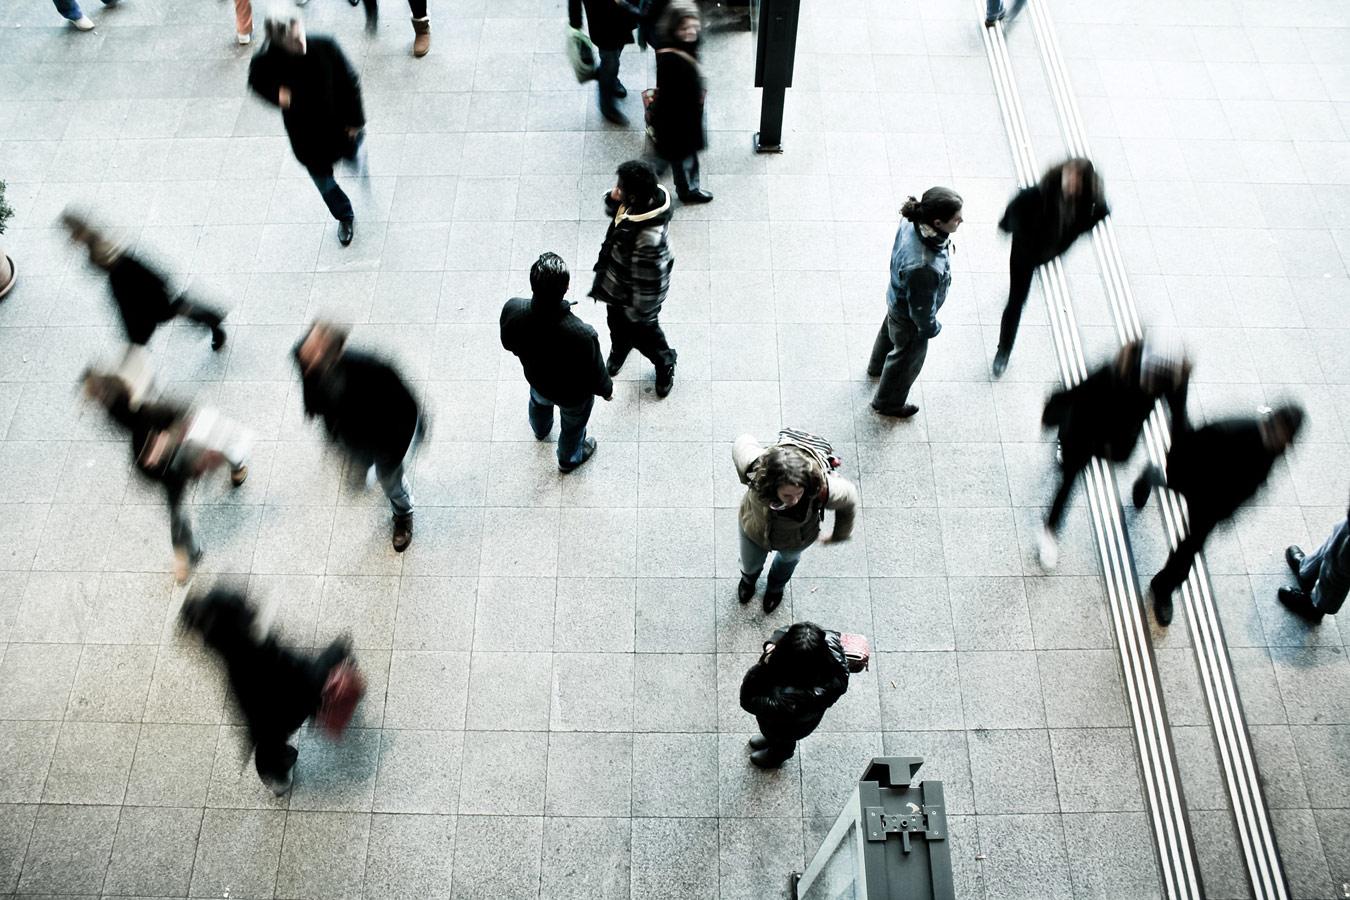 Приглашение для входа «Импульс» / Momentum Call for Entry от Нью-Йоркского центра фотографического искусства